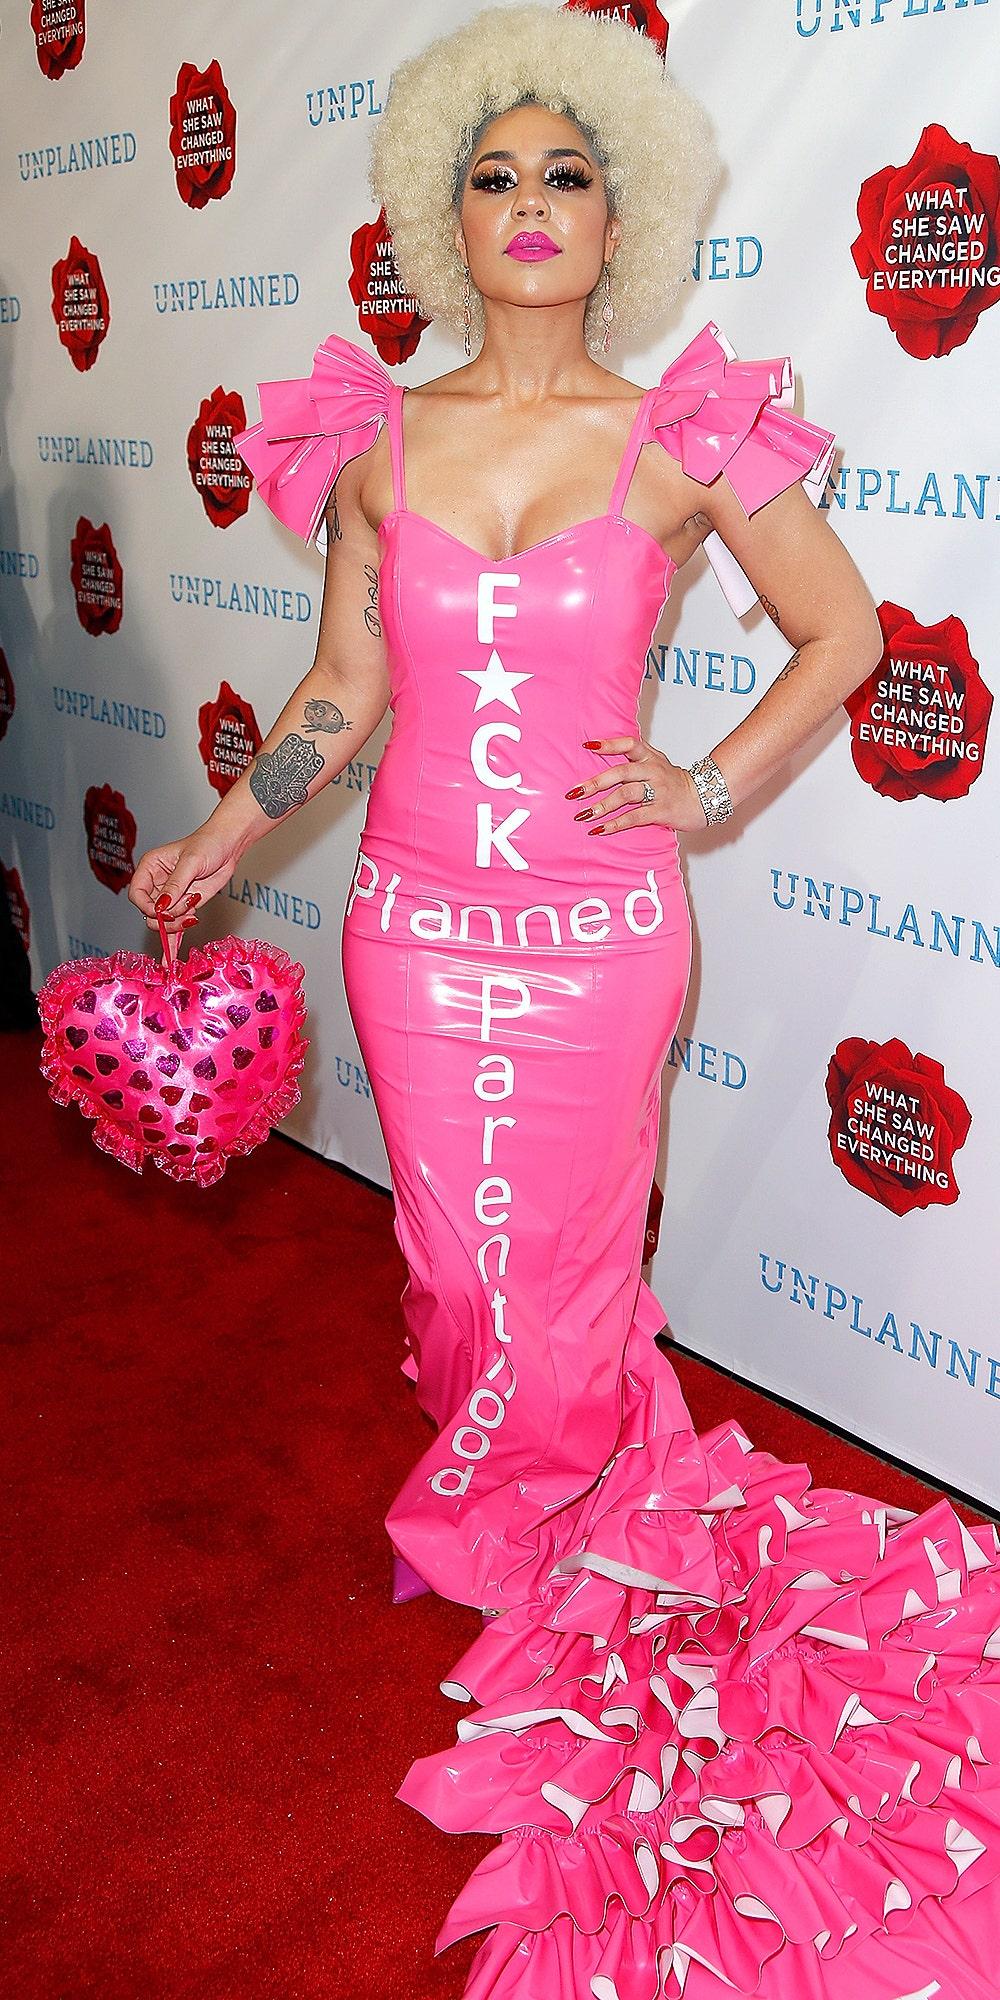 Joy Villa wears 'F—k Planned Parenthood' dress at anti-abortion film 'Unplanned' premiere